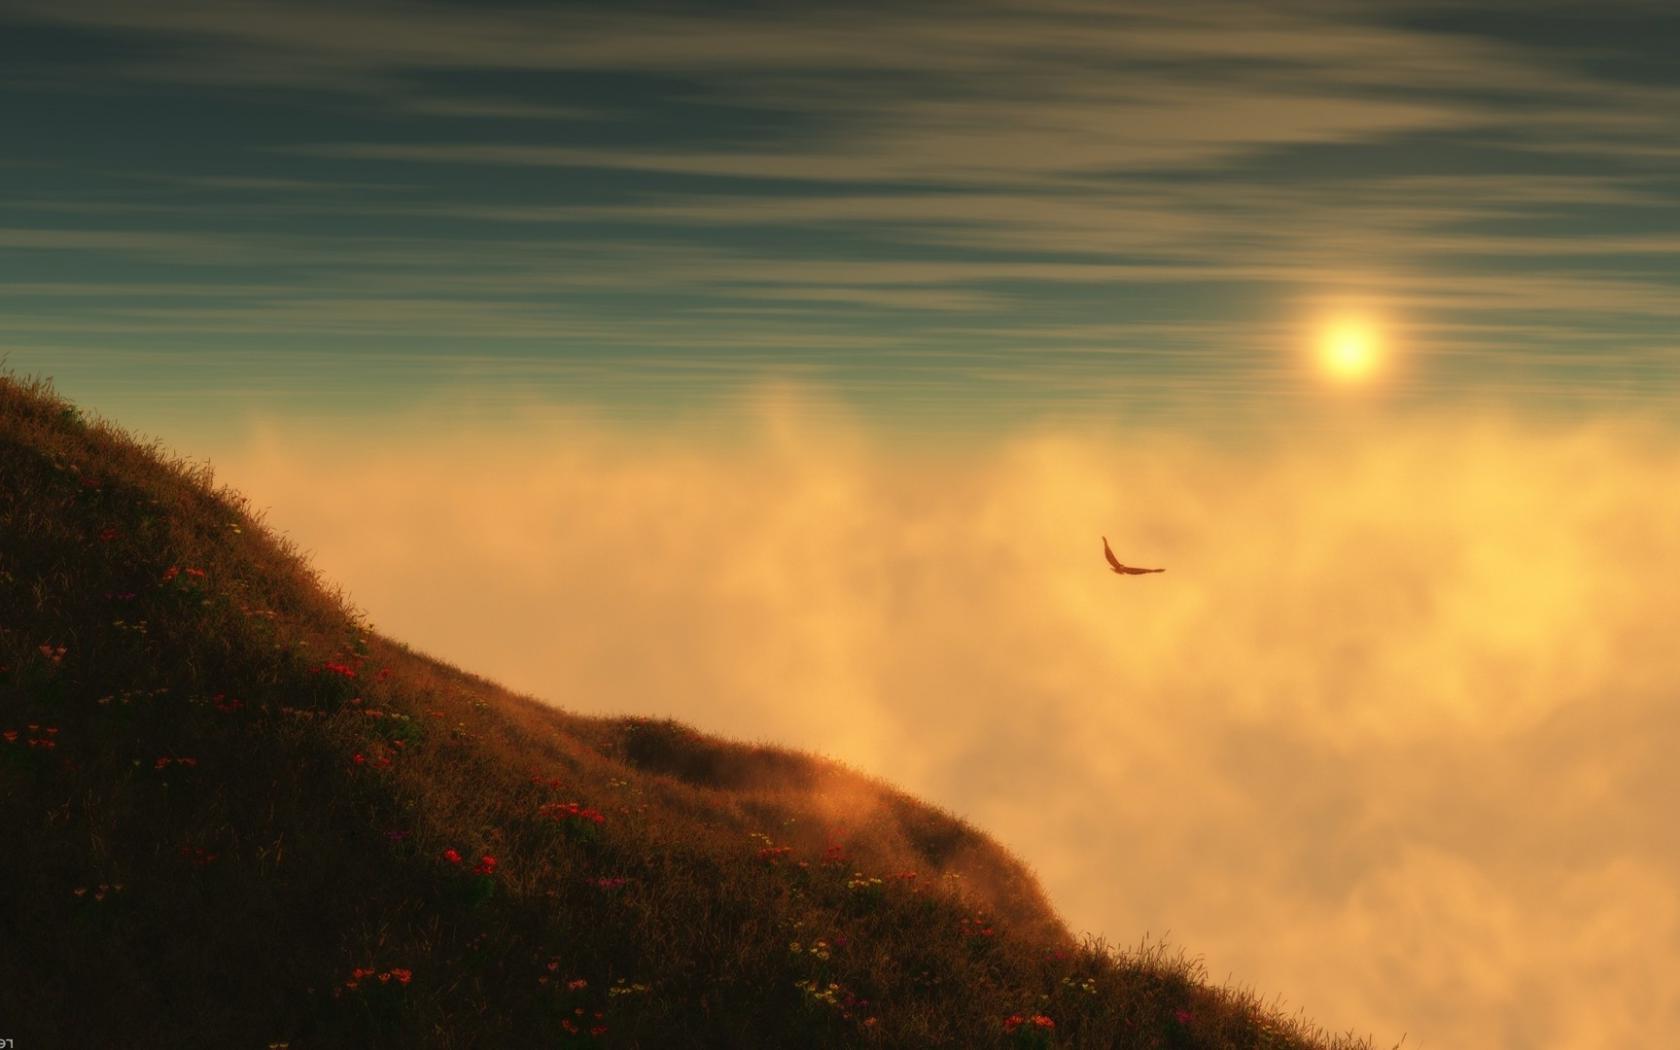 Фото журавль летит над землей, внизу протекает речка с нависшим над ней туманом и на небе поднимается солнце